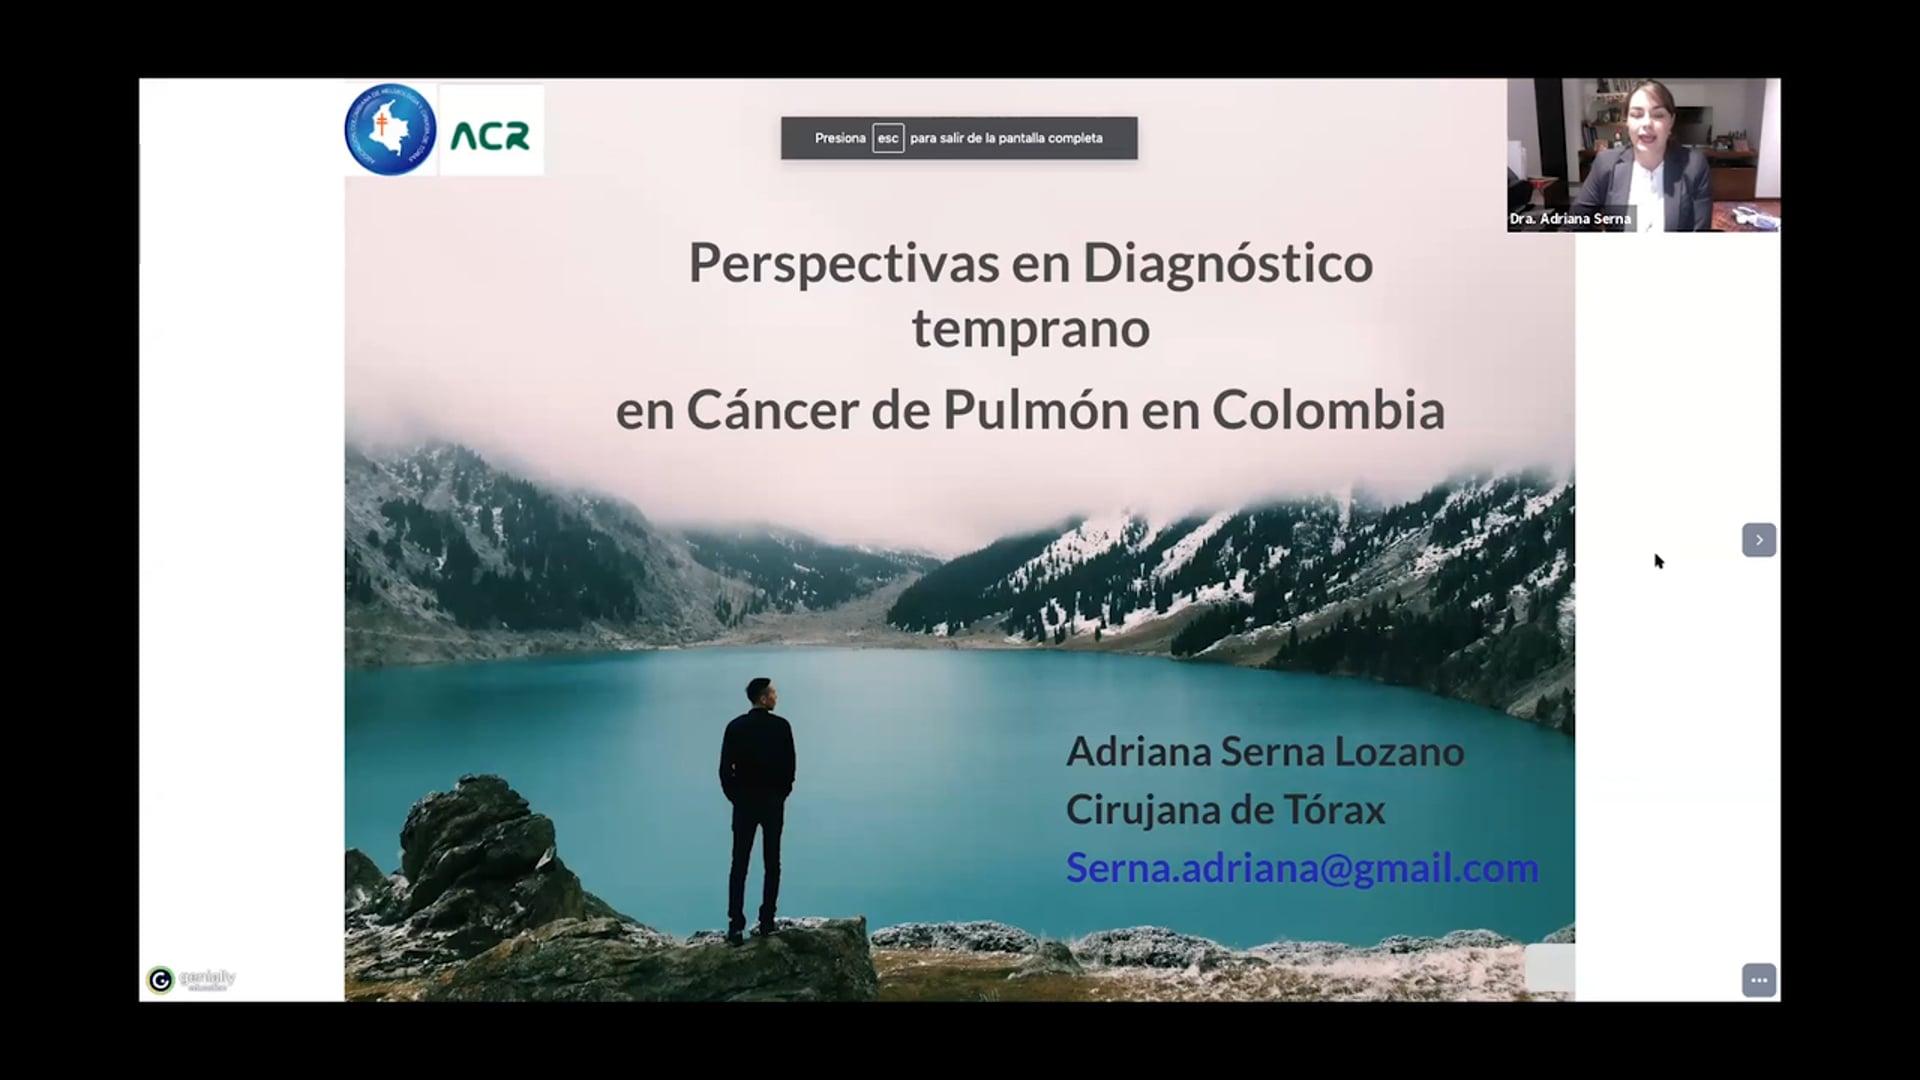 Pulmón_Perspectivas en diagnóstico temprano en cáncer de pulmón en Colombia